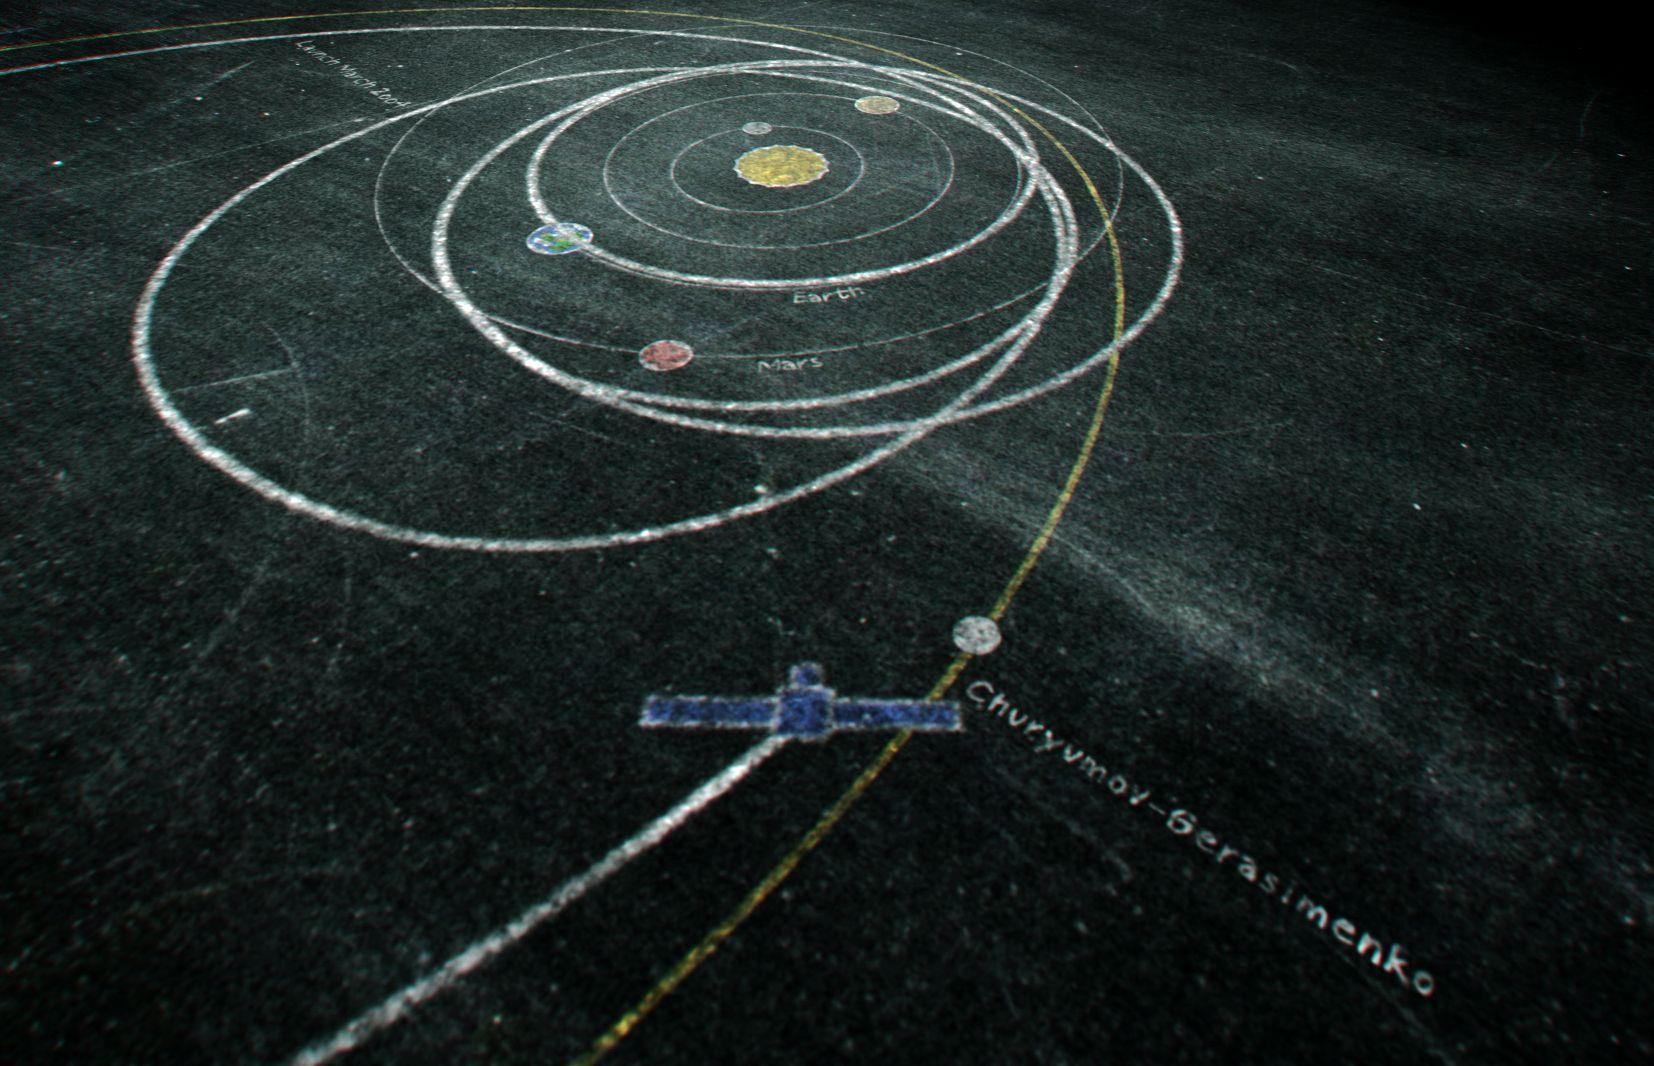 Bac 2015 - Baccalauréat - Mathématiques - Série S - Rosetta - Trajectoire - Orbites - Comète